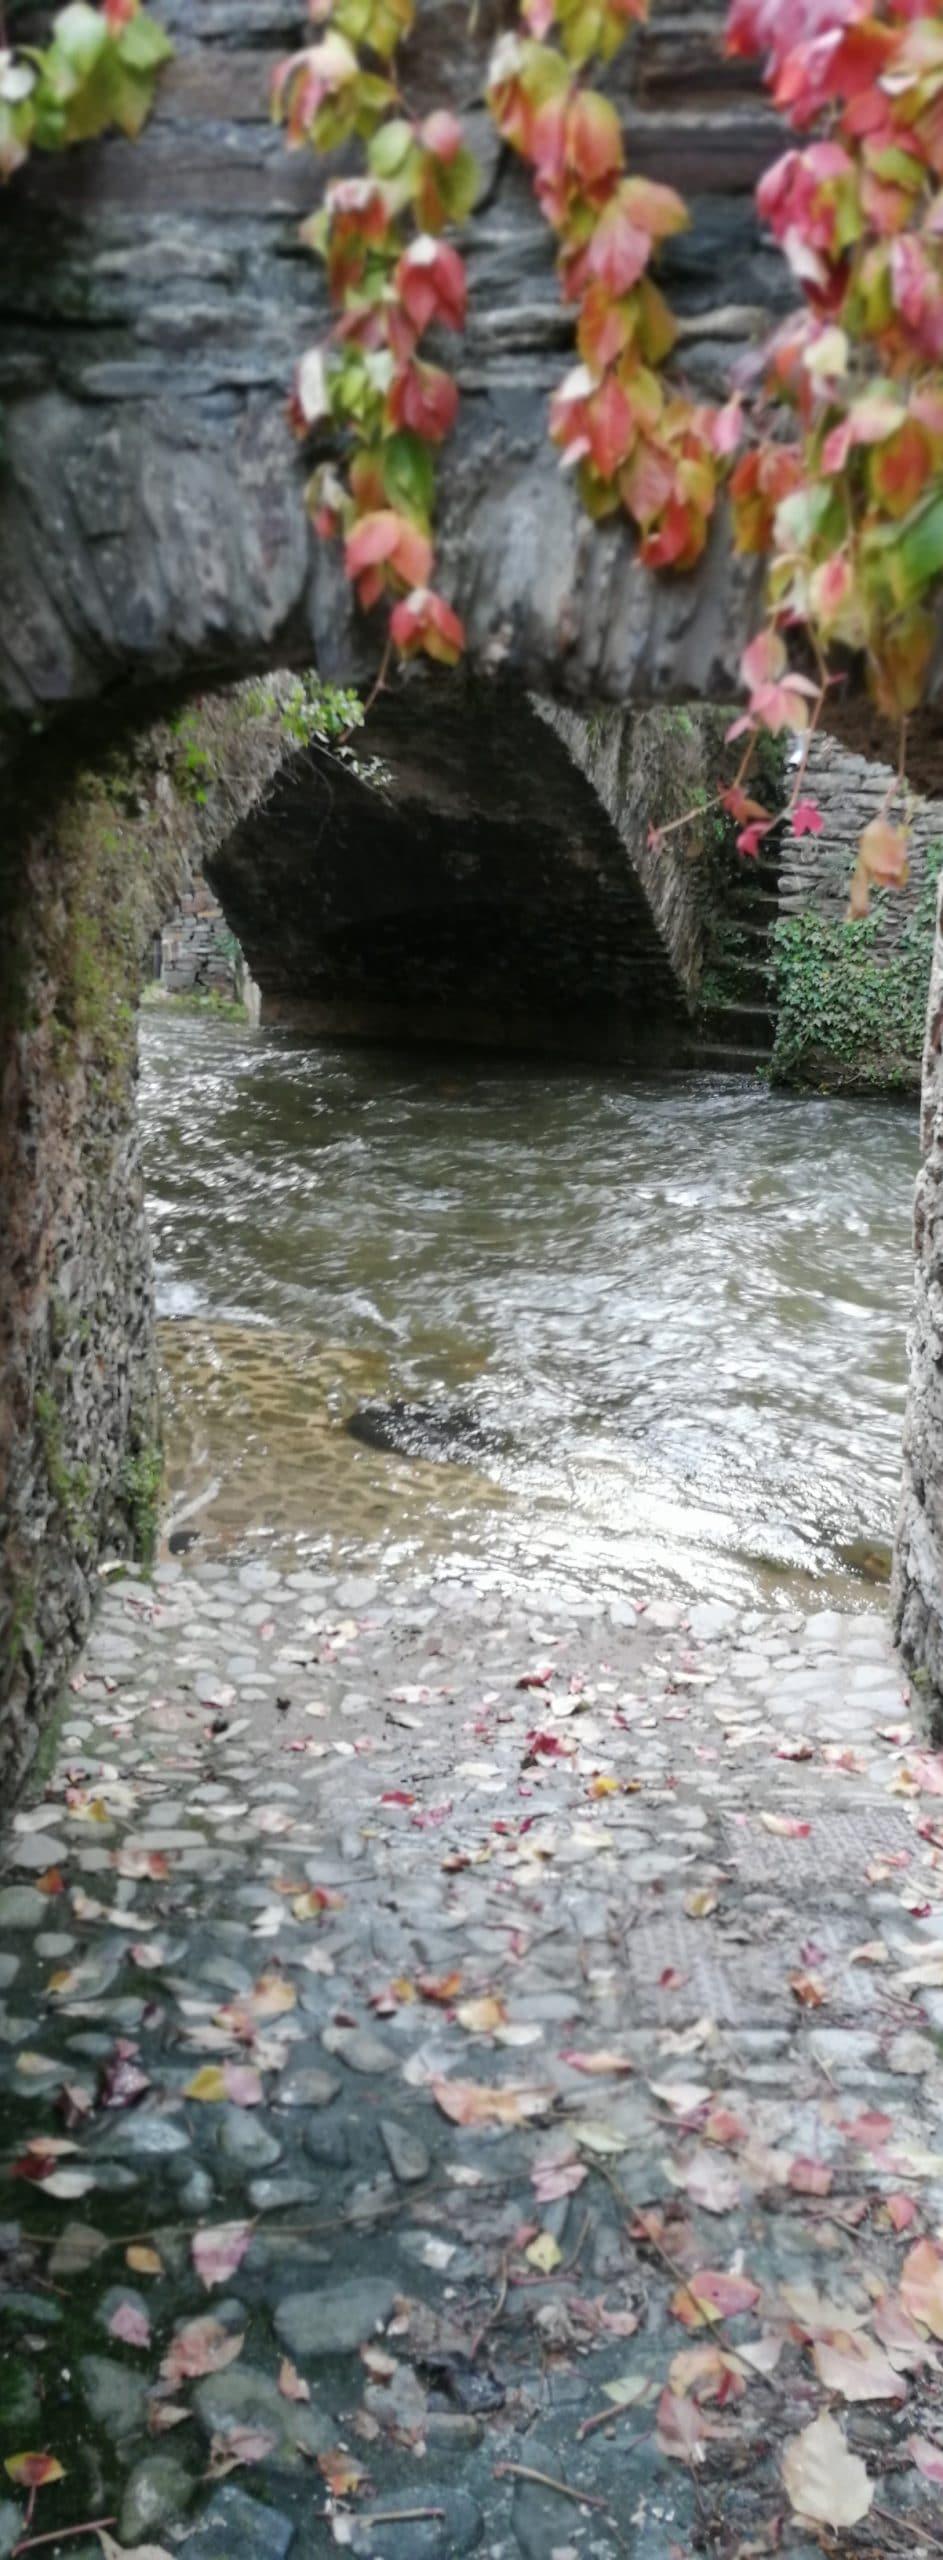 Parcours Estaing Trail d'Aqui est l'espace trail de la Communauté de Communes Comtal Lot Truyère. 21 parcours (Bessuéjouls, Bozouls, Campuac, Coubisou, Entraygues, Espalion, Espeyrac, Estaing, Gabriac, Golinhac, La Loubière, Lassouts, Le Cayrol, Le Fel, Le Nayrac, Montrozier, Rodelle, Saint-Côme-d'Olt, Saint-Hippolyte, Sébrazac, Villecomtal) et 2 parcours demi-kilomètre vertical permettent de découvrir plus de 500 kilomètres de chemins et monotraces.